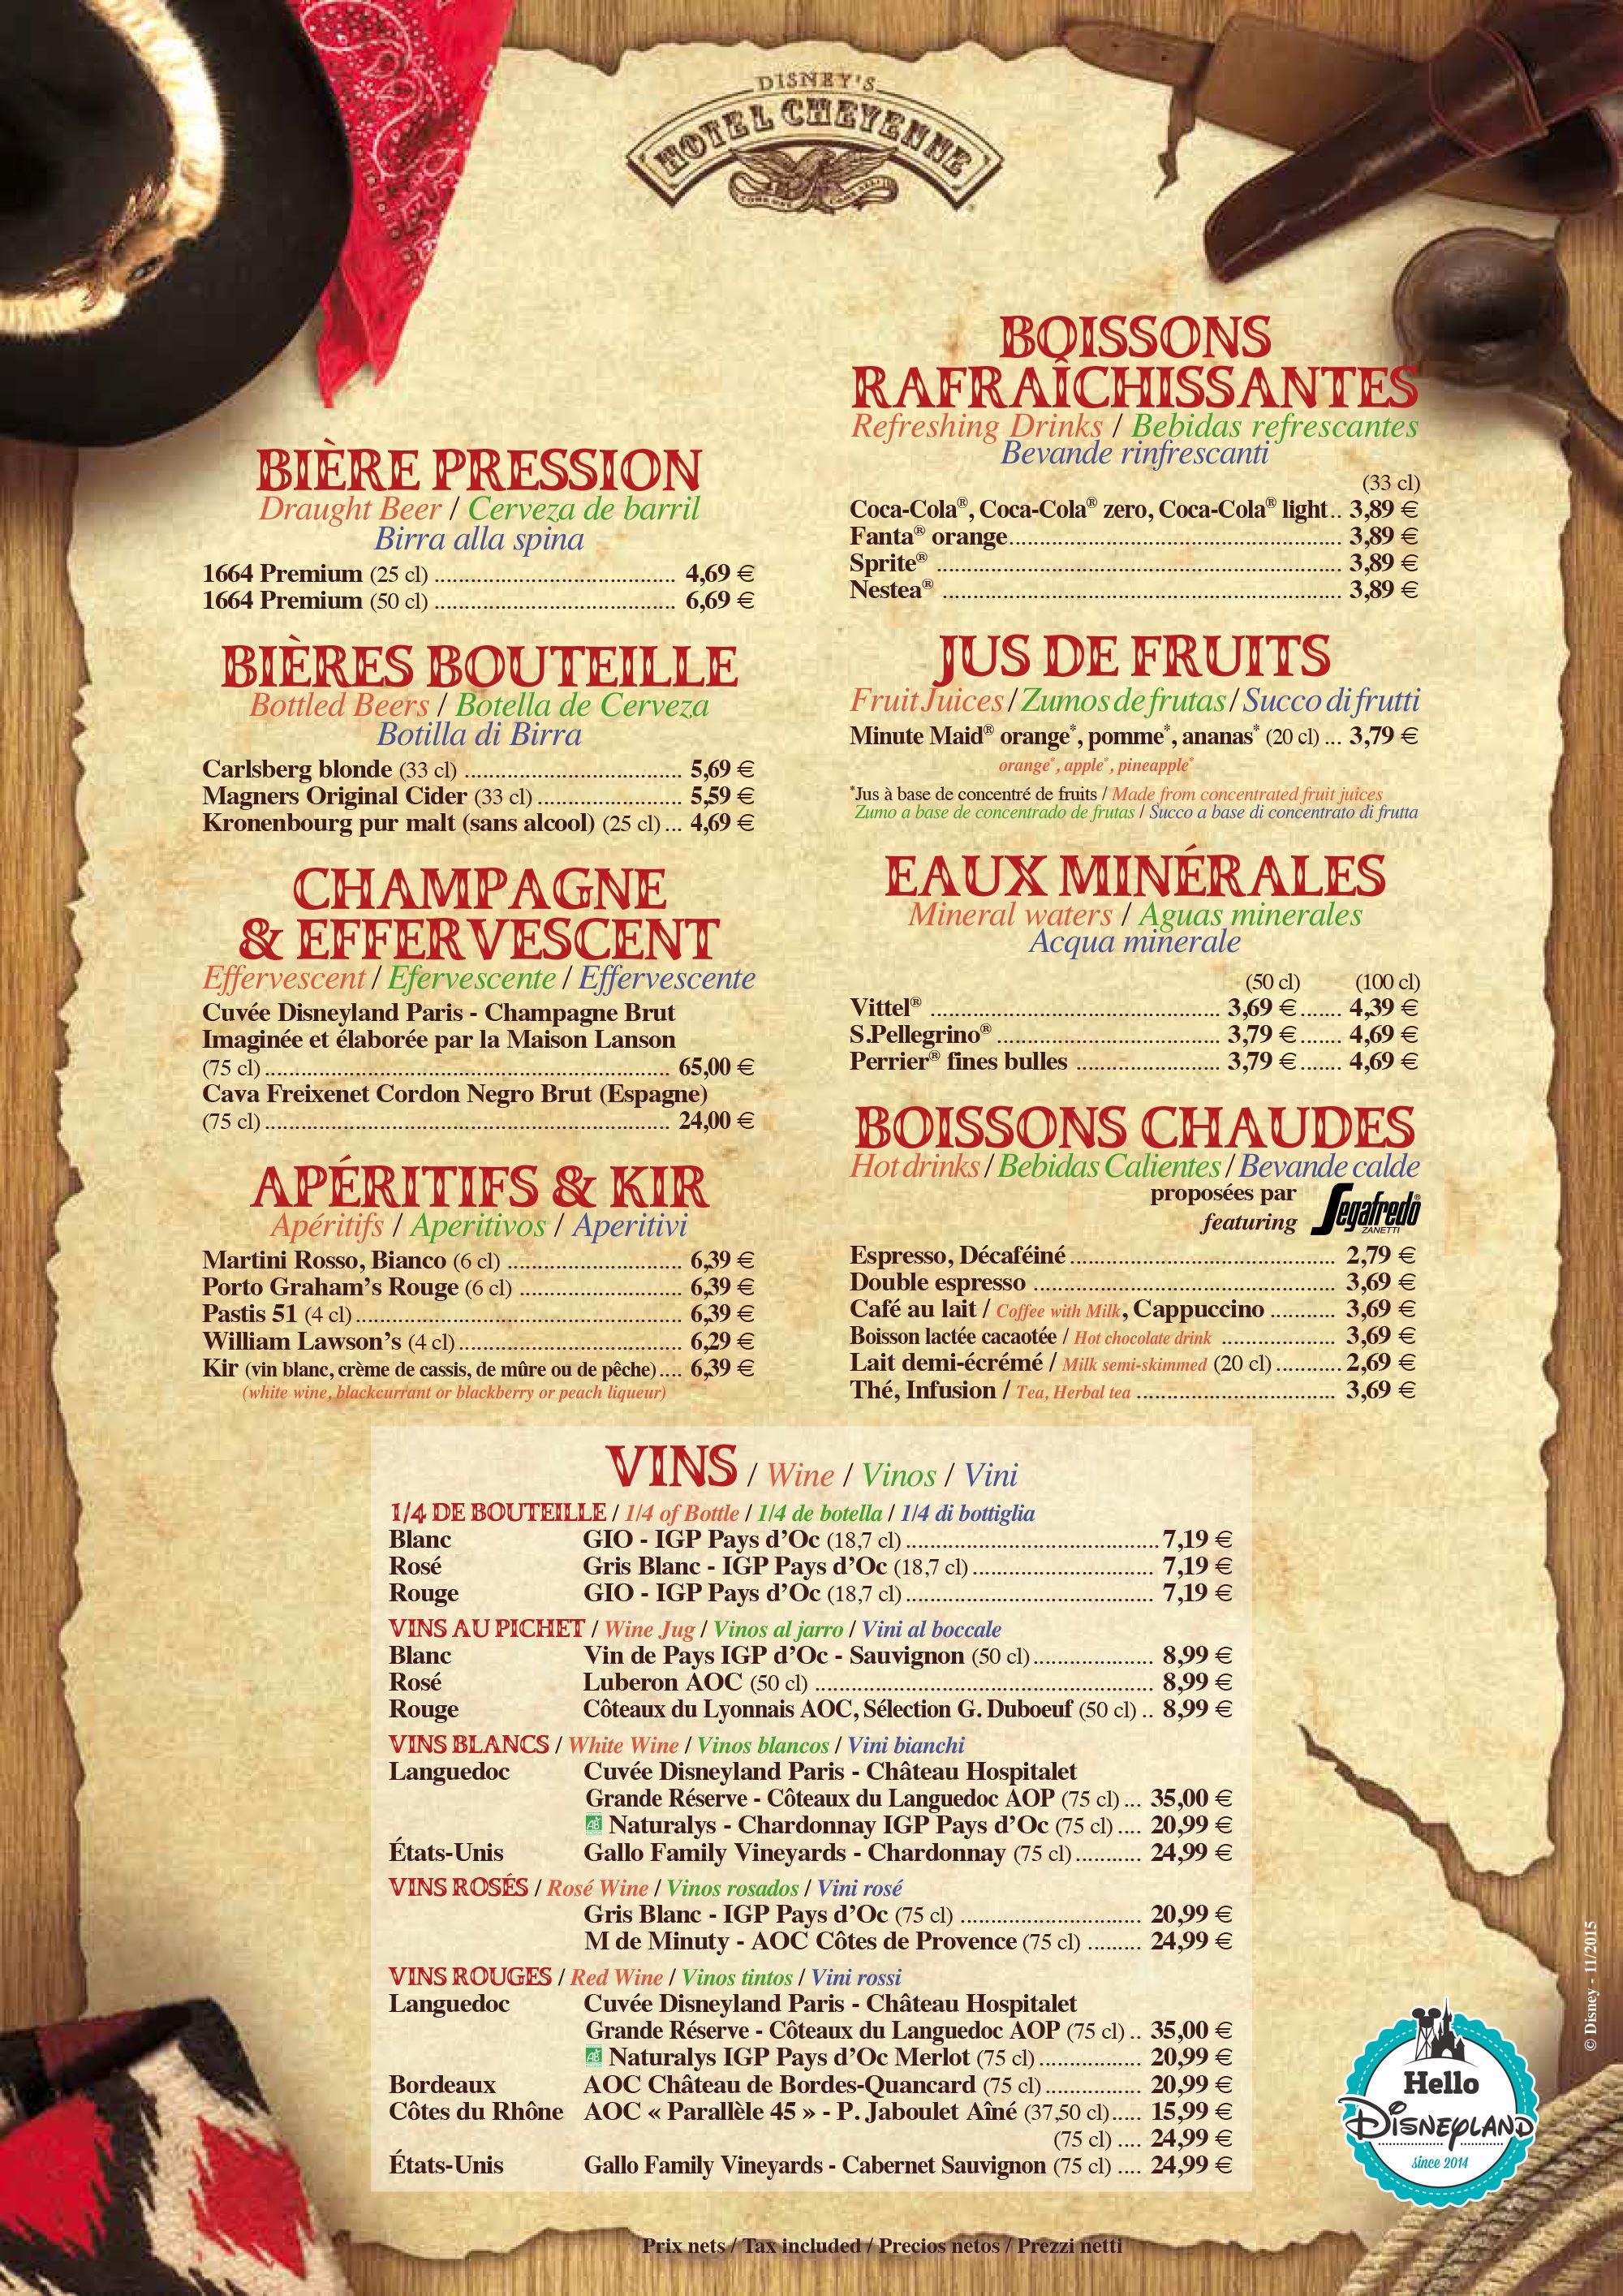 Cheyenne  - Menu Restaurant 2015 - 2016 Disneyland Paris